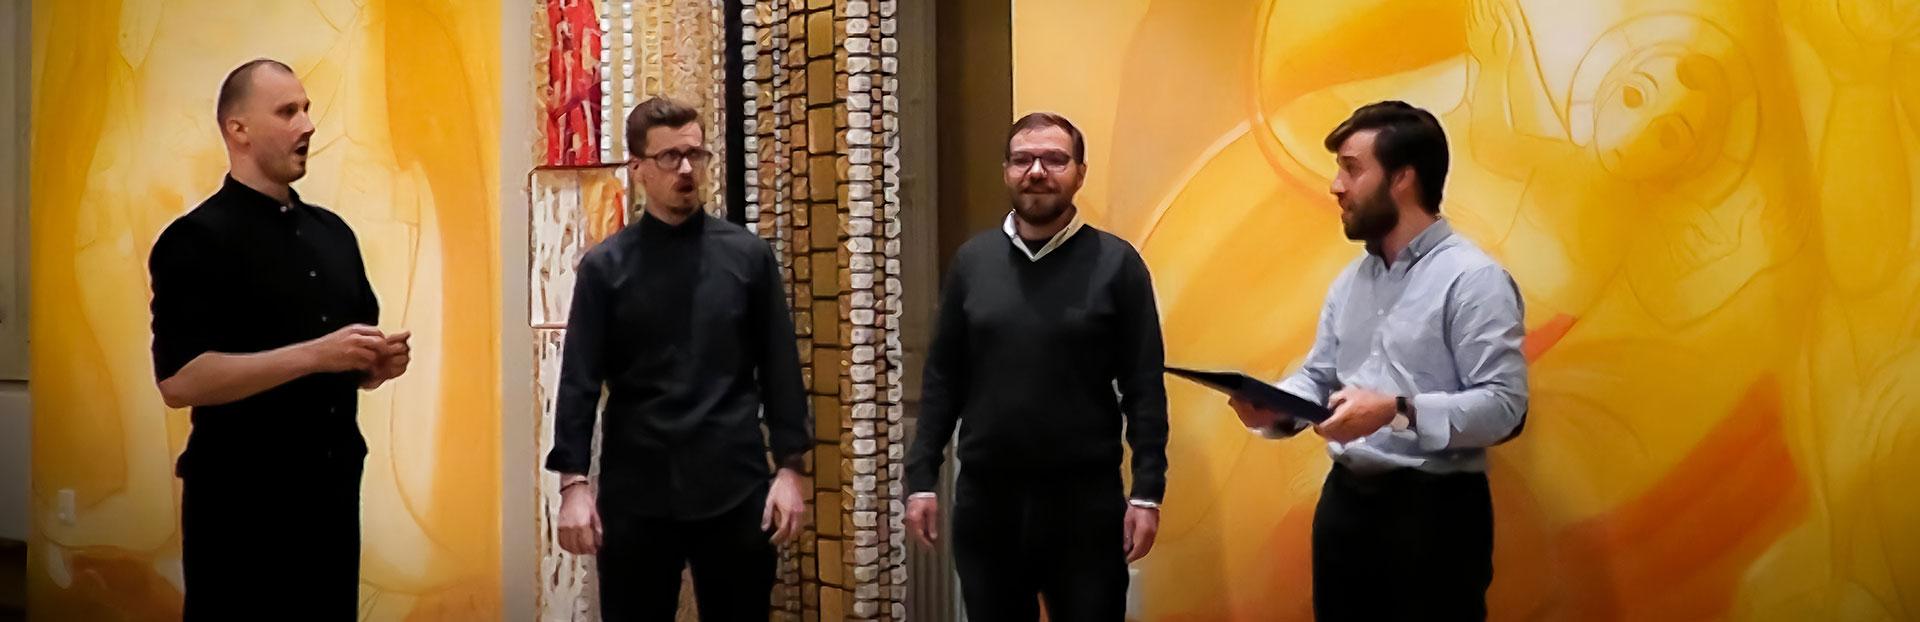 """Condividere la gioia del Natale con """"Gaudete"""", eseguita da giovani gesuiti"""